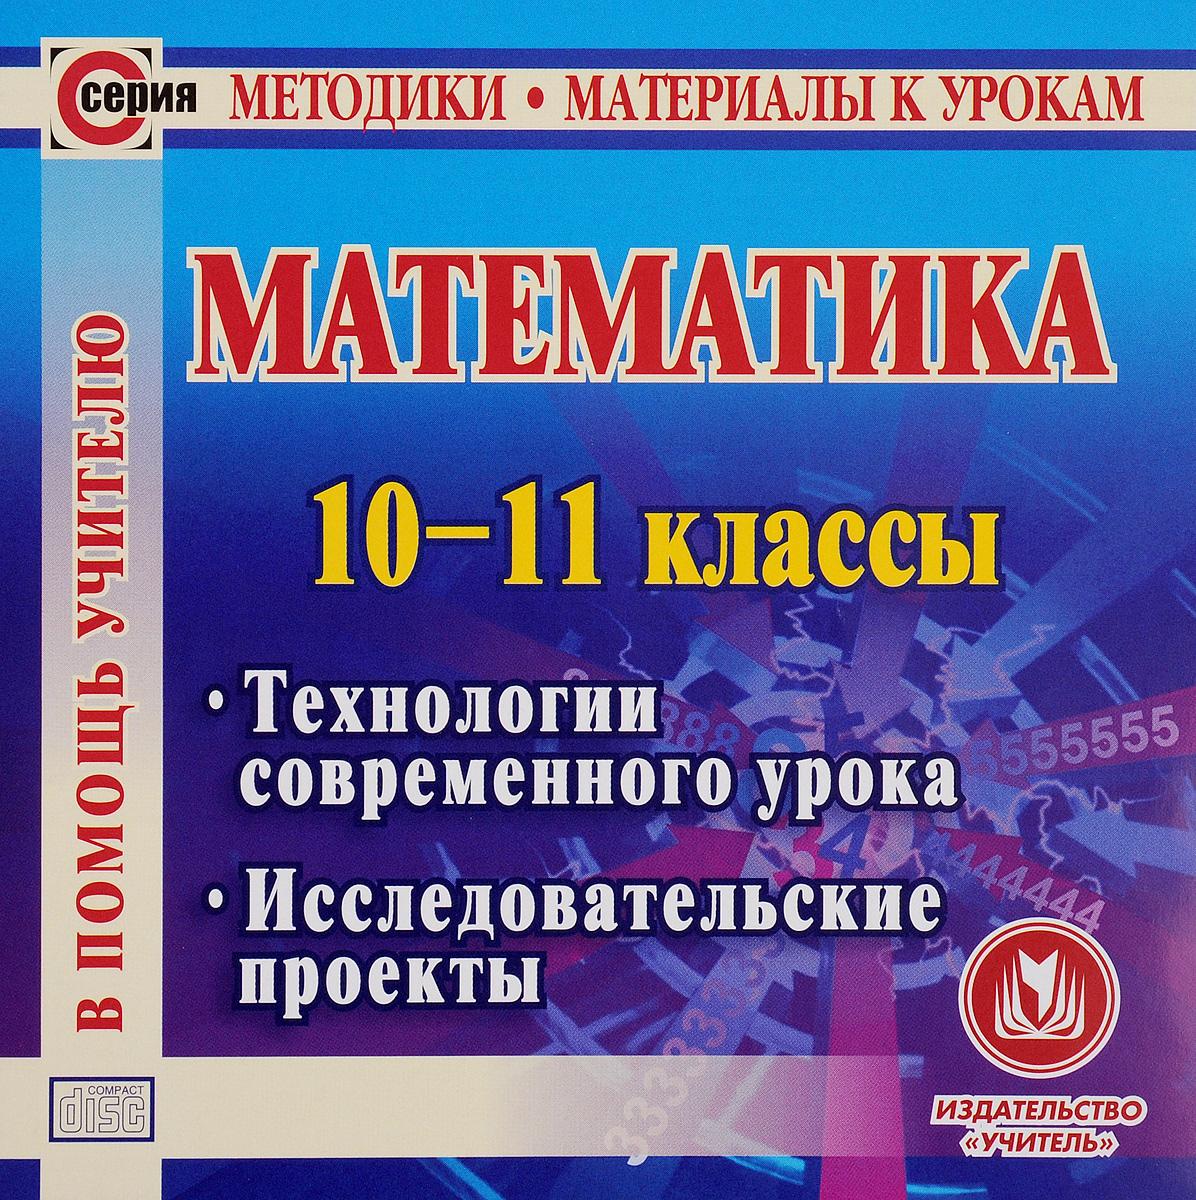 """Математика. 10-11 классы. Технологии современного урока. Исследовательские проекты, Издательство """"Учитель"""""""